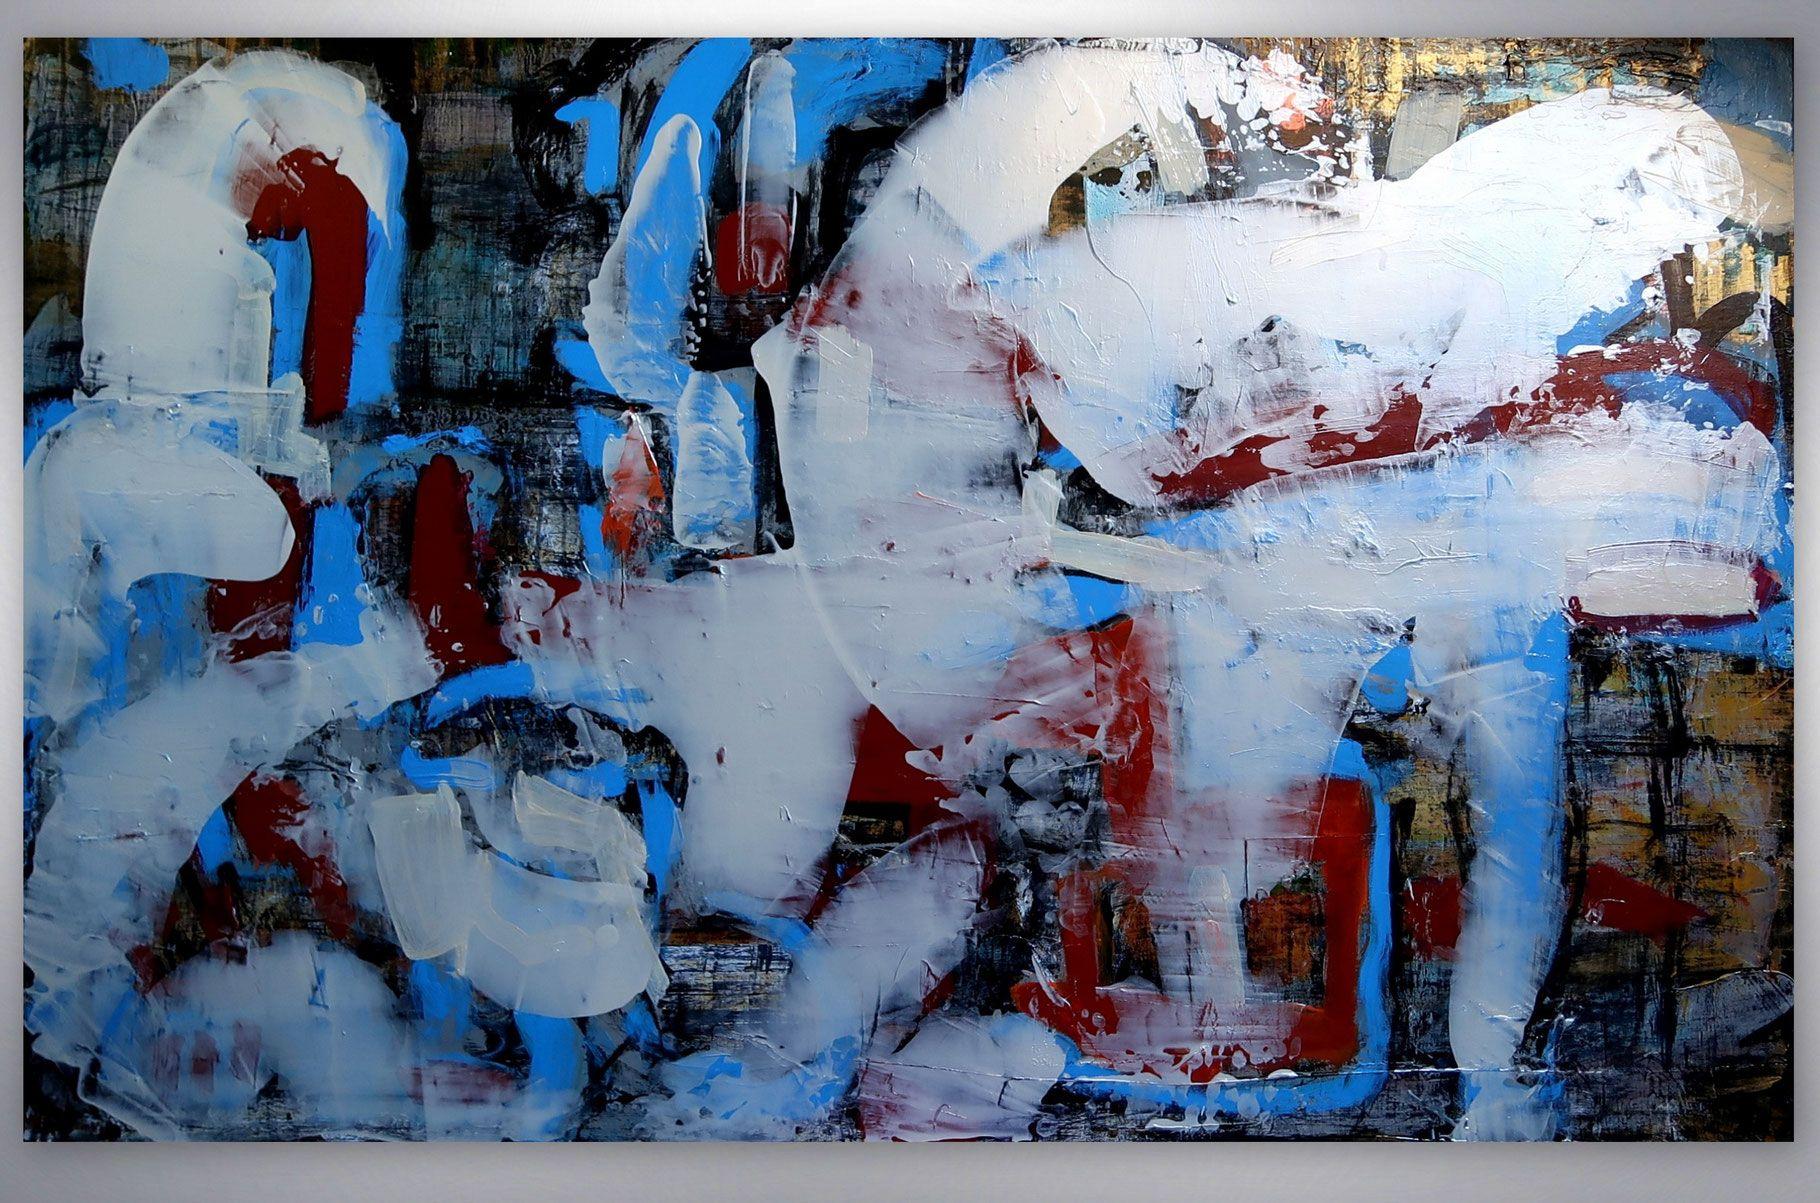 abstrakte gemalde moderne kunst xxl originale unikate kunstgalerie geometrische grossformatig zeitgenossische malerei galerie abstrakt abstraktes formen acryl leinwand